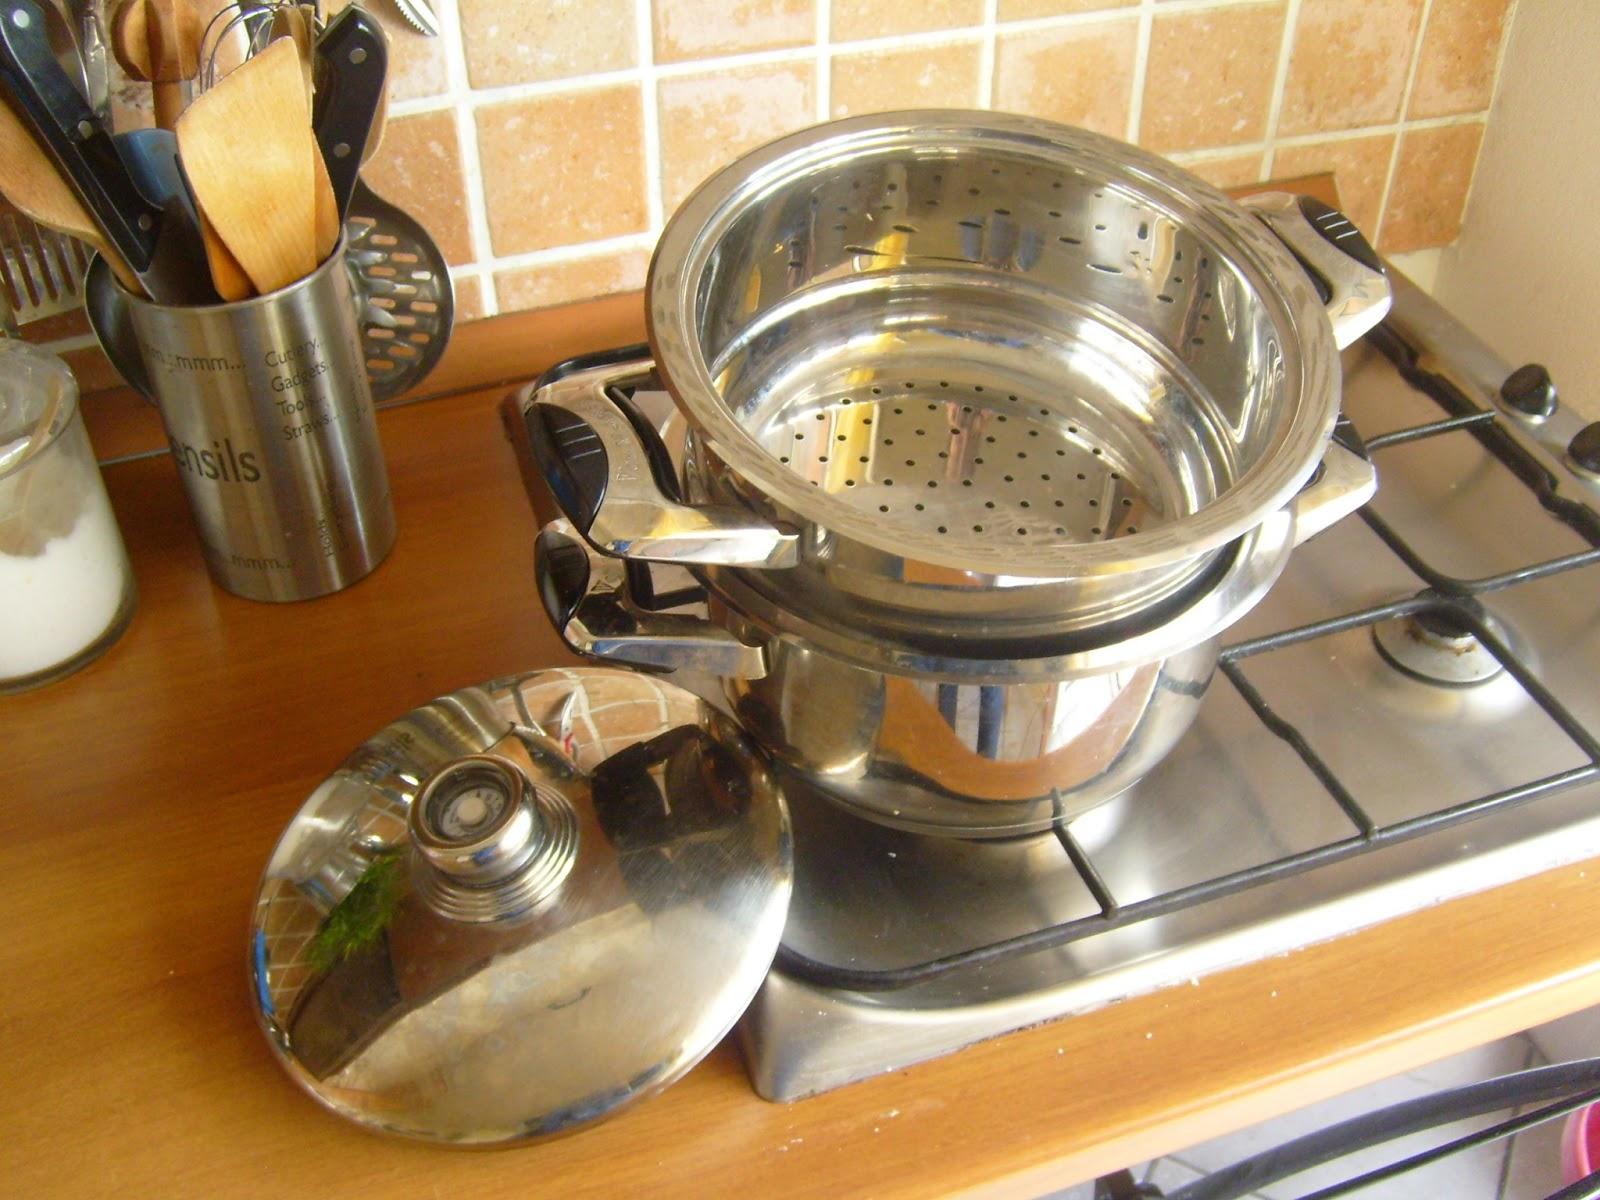 Cocinar vapor microondas dise os arquitect nicos for Recipientes para cocinar al vapor